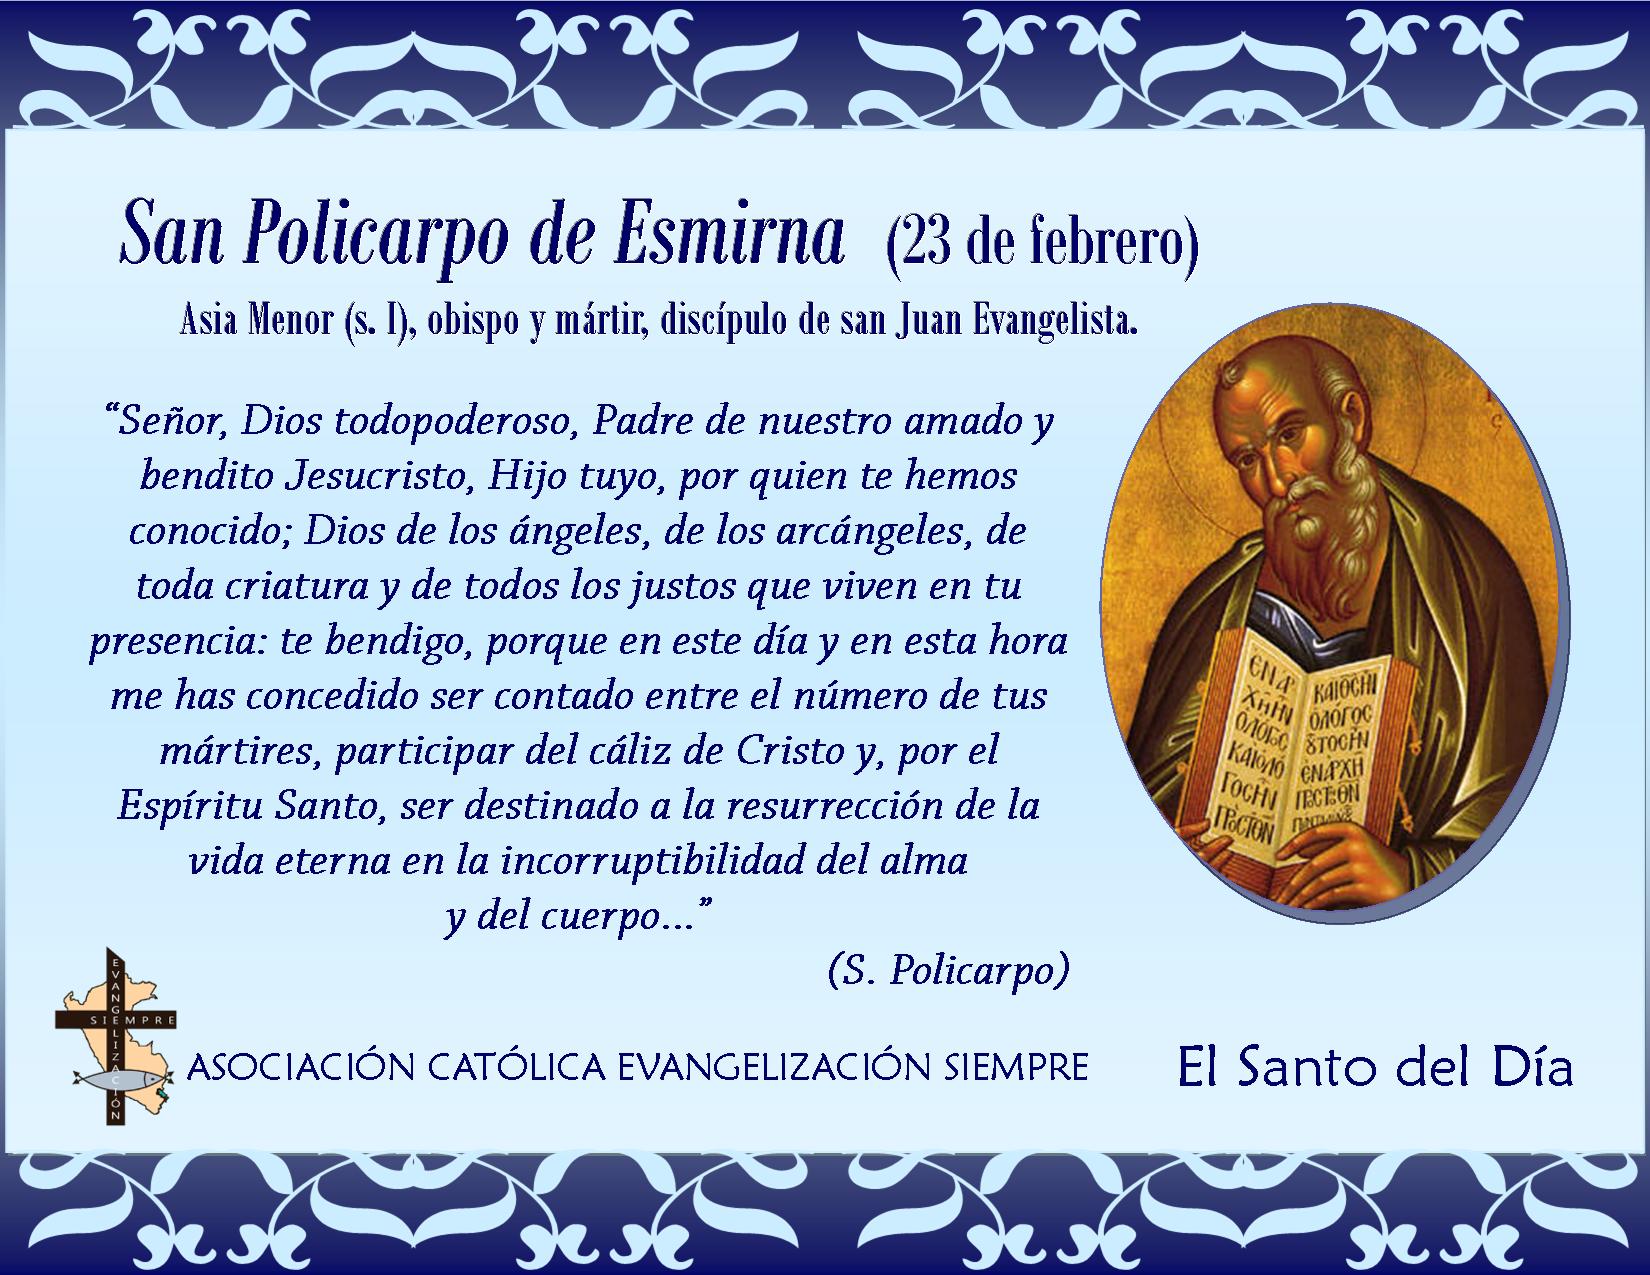 23 febrero San Policarpo de Esmirna